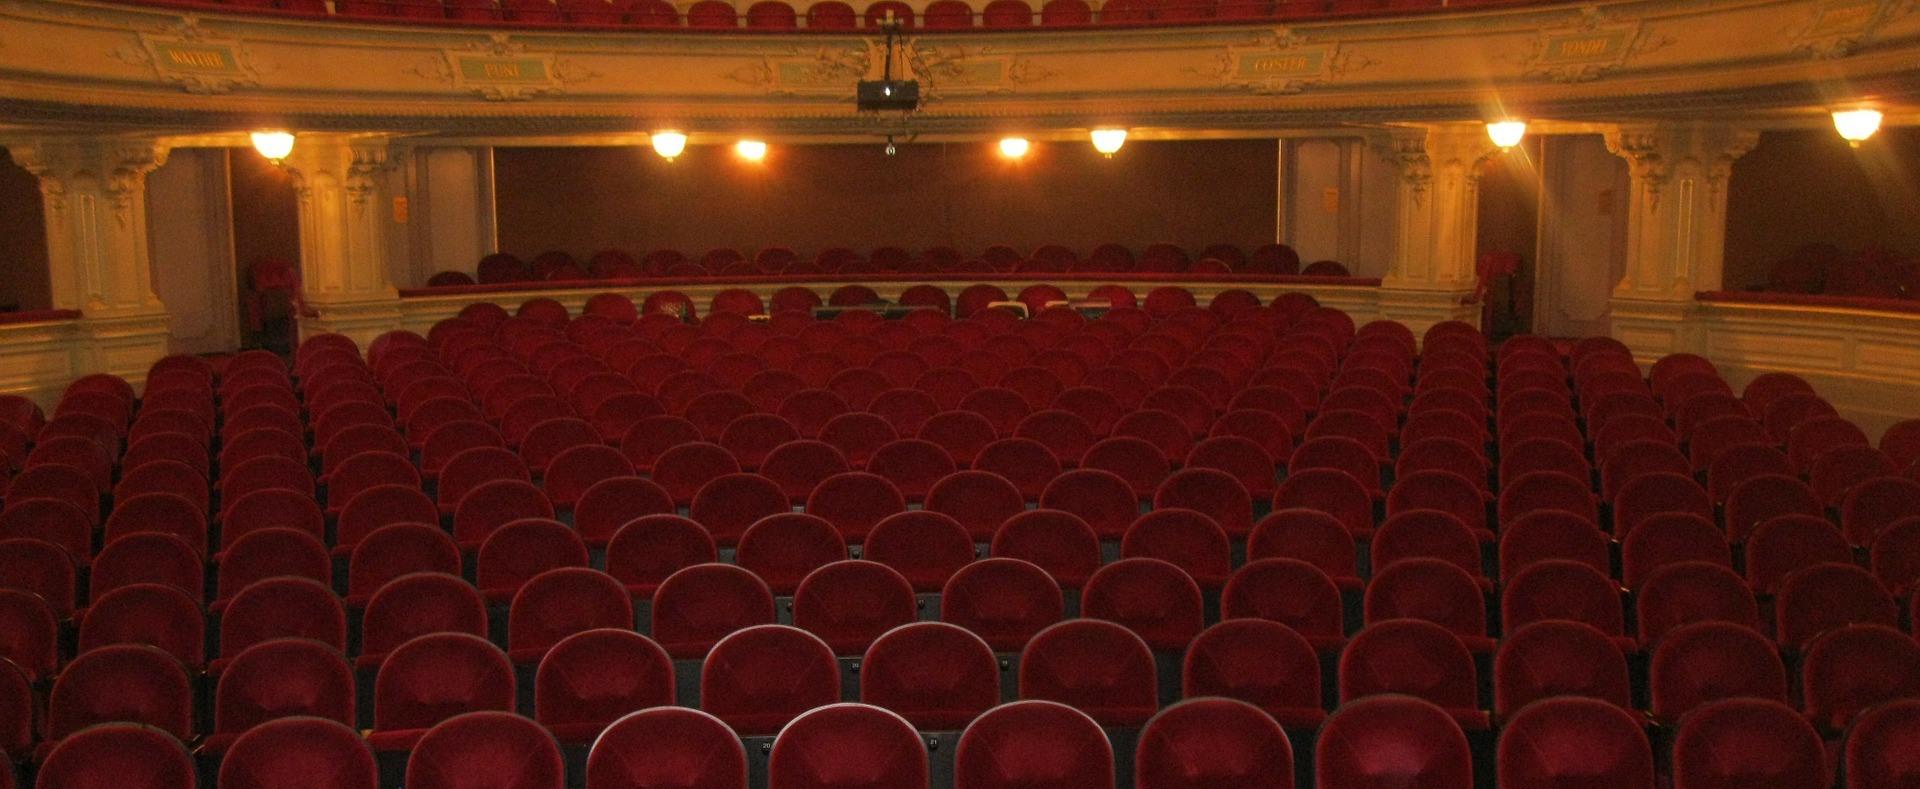 Tehetségkutató és képességfejlesztő programot indít az egri Gárdonyi Géza Színház